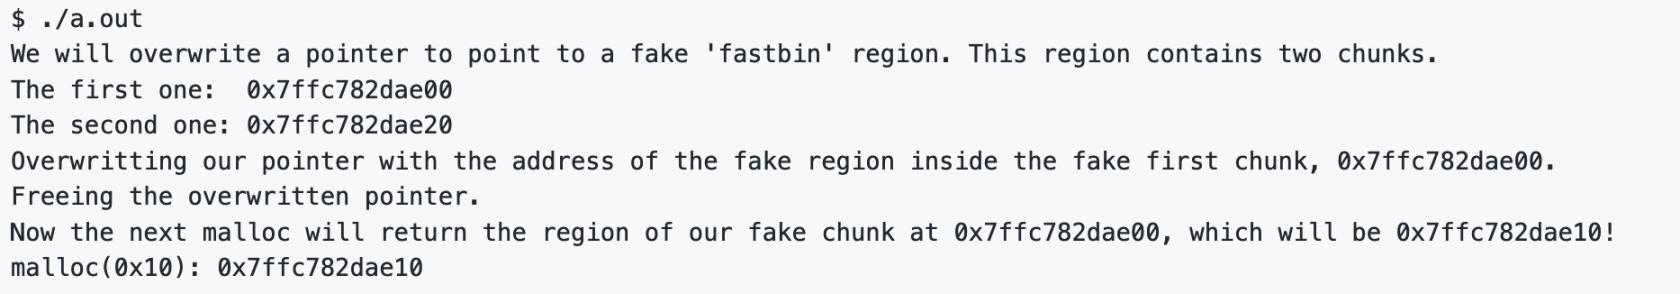 Fastbin Attack 2